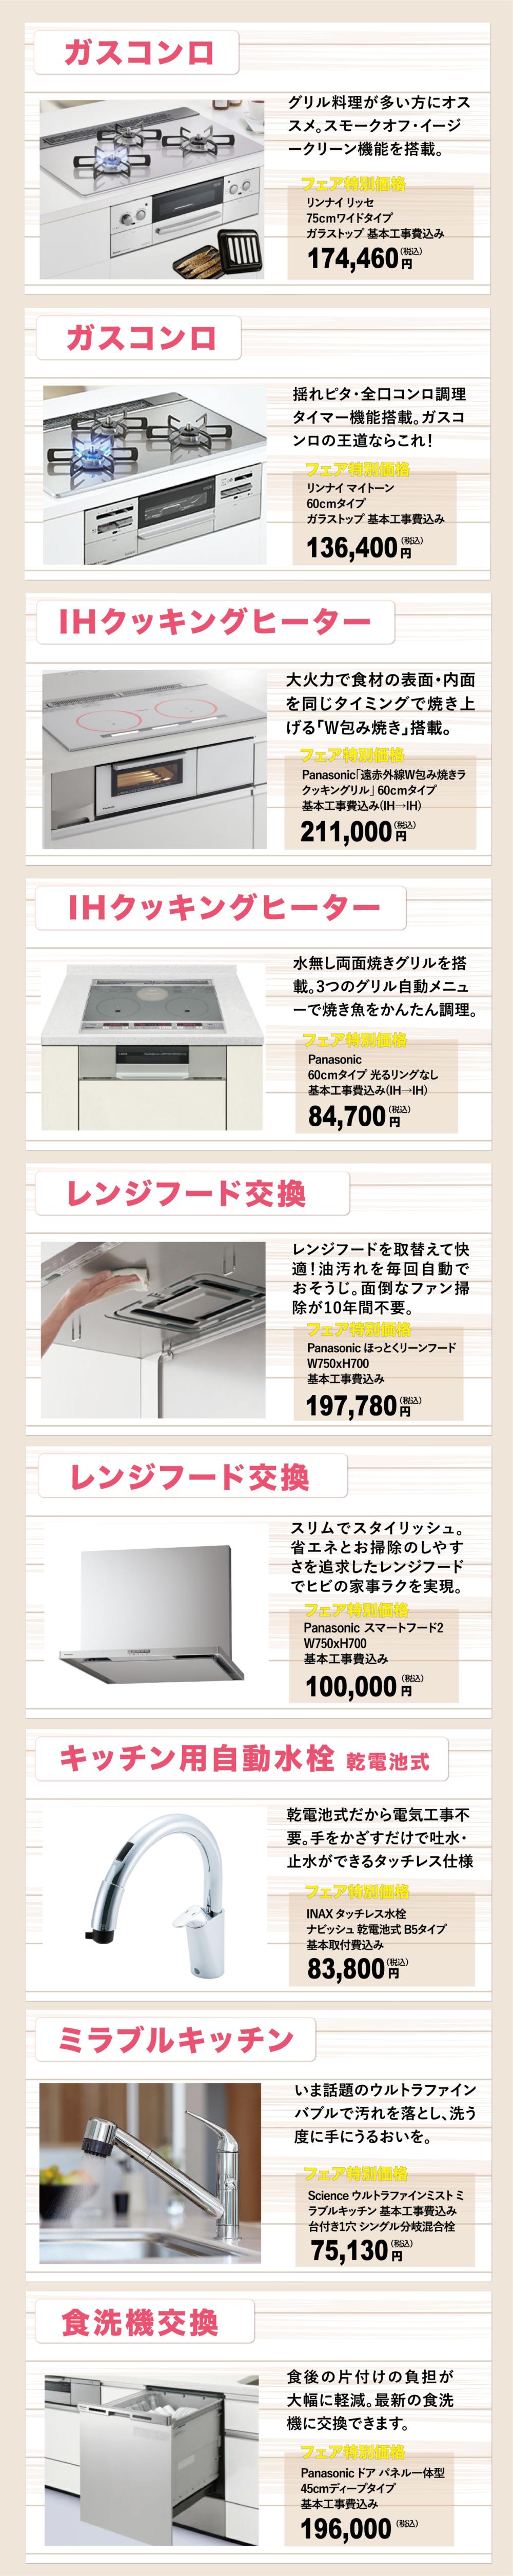 キッチン部分リフォーム価格